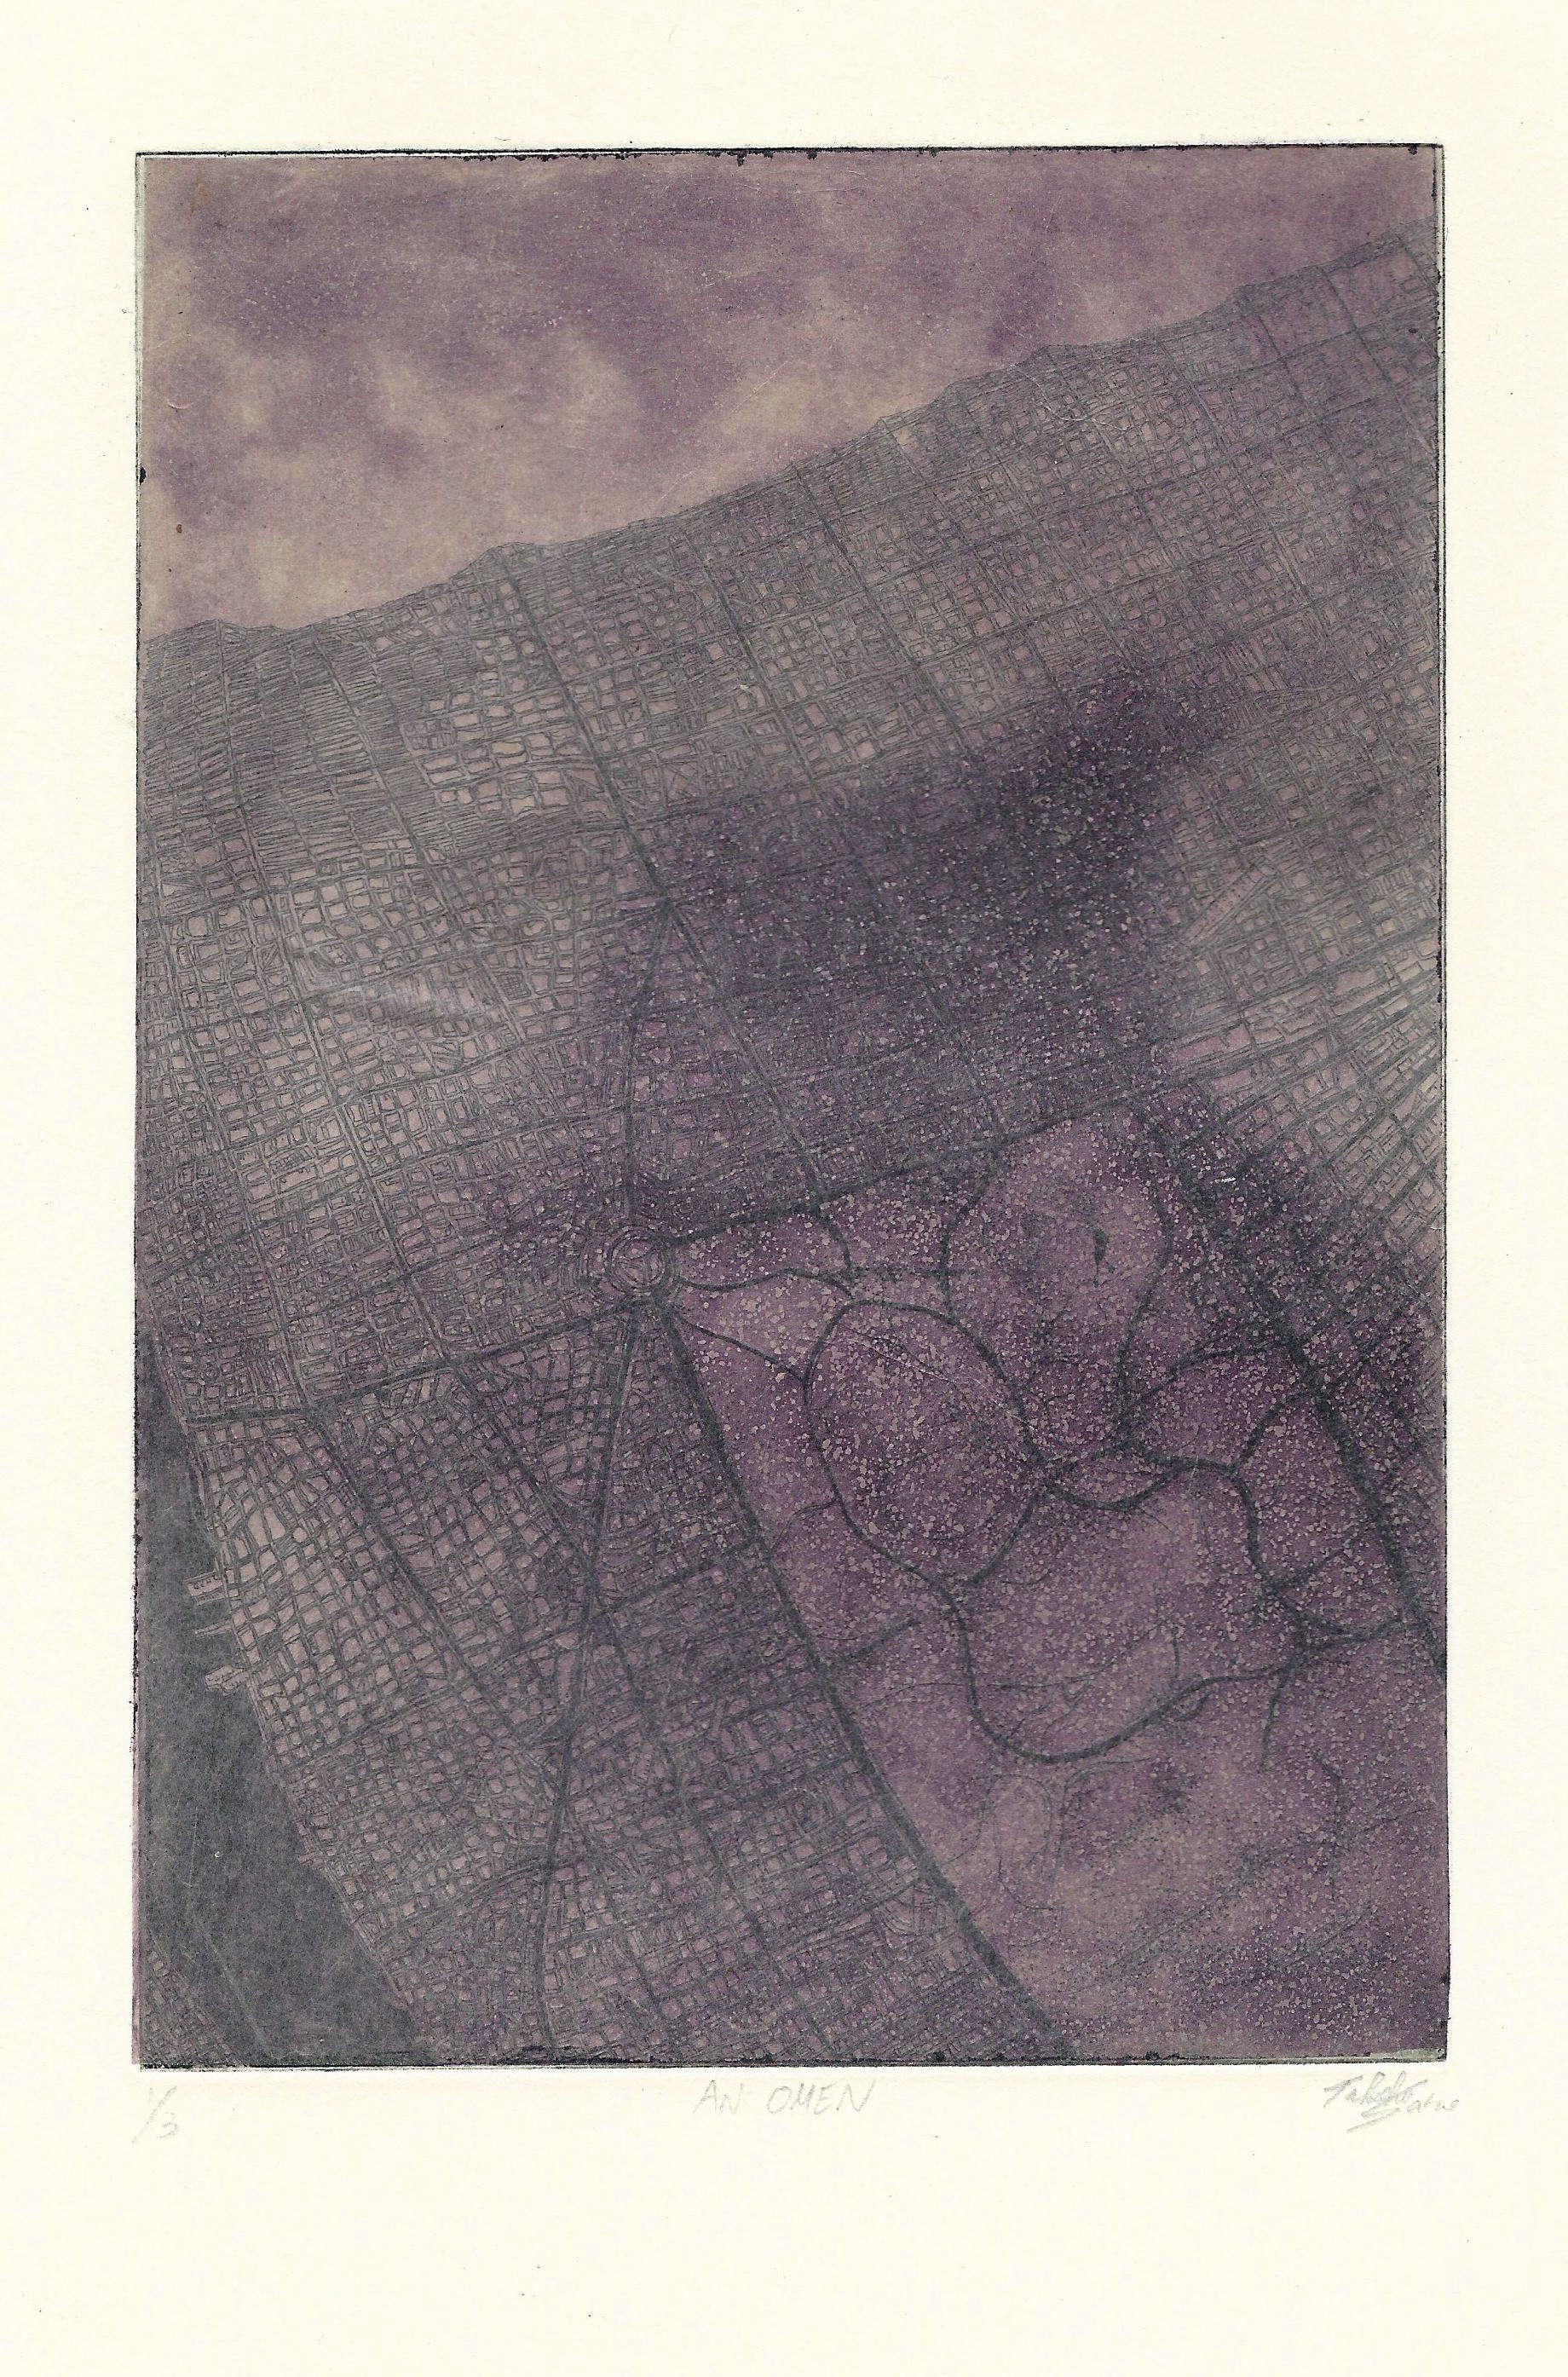 Takehiro Sano | AN OMEN | etching, aquatint | 8x5 | 2016